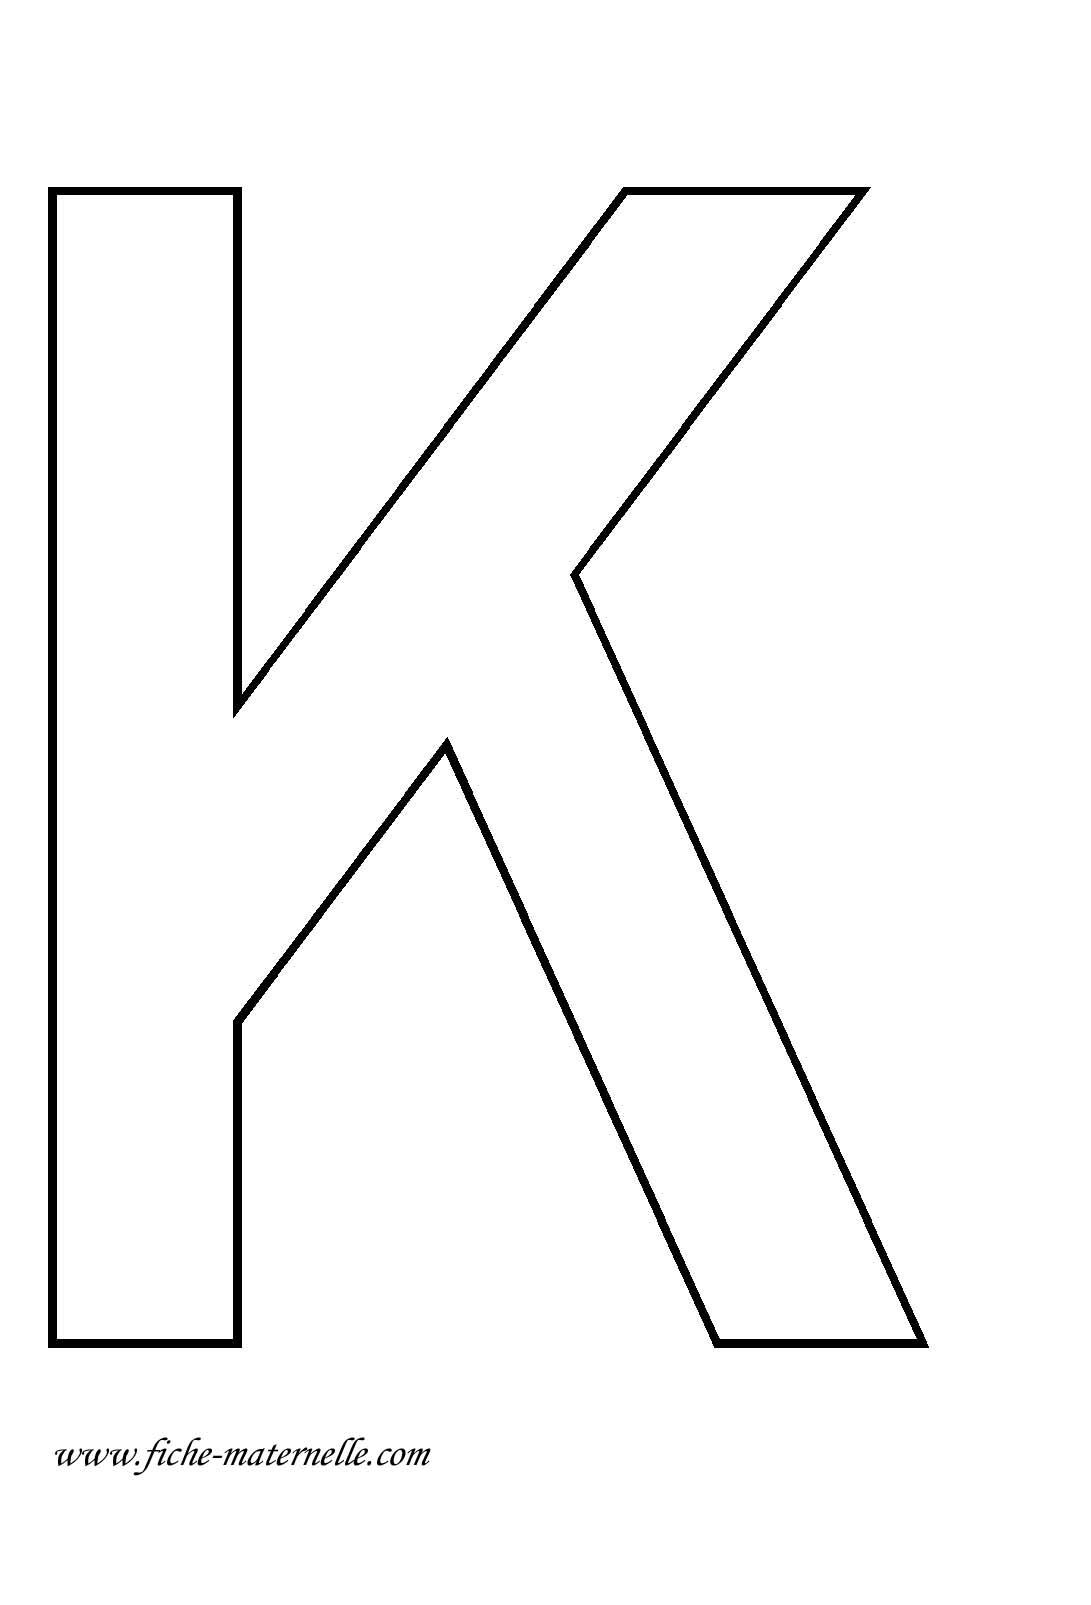 lettre k La lettre K   Amoilesserps.com lettre k